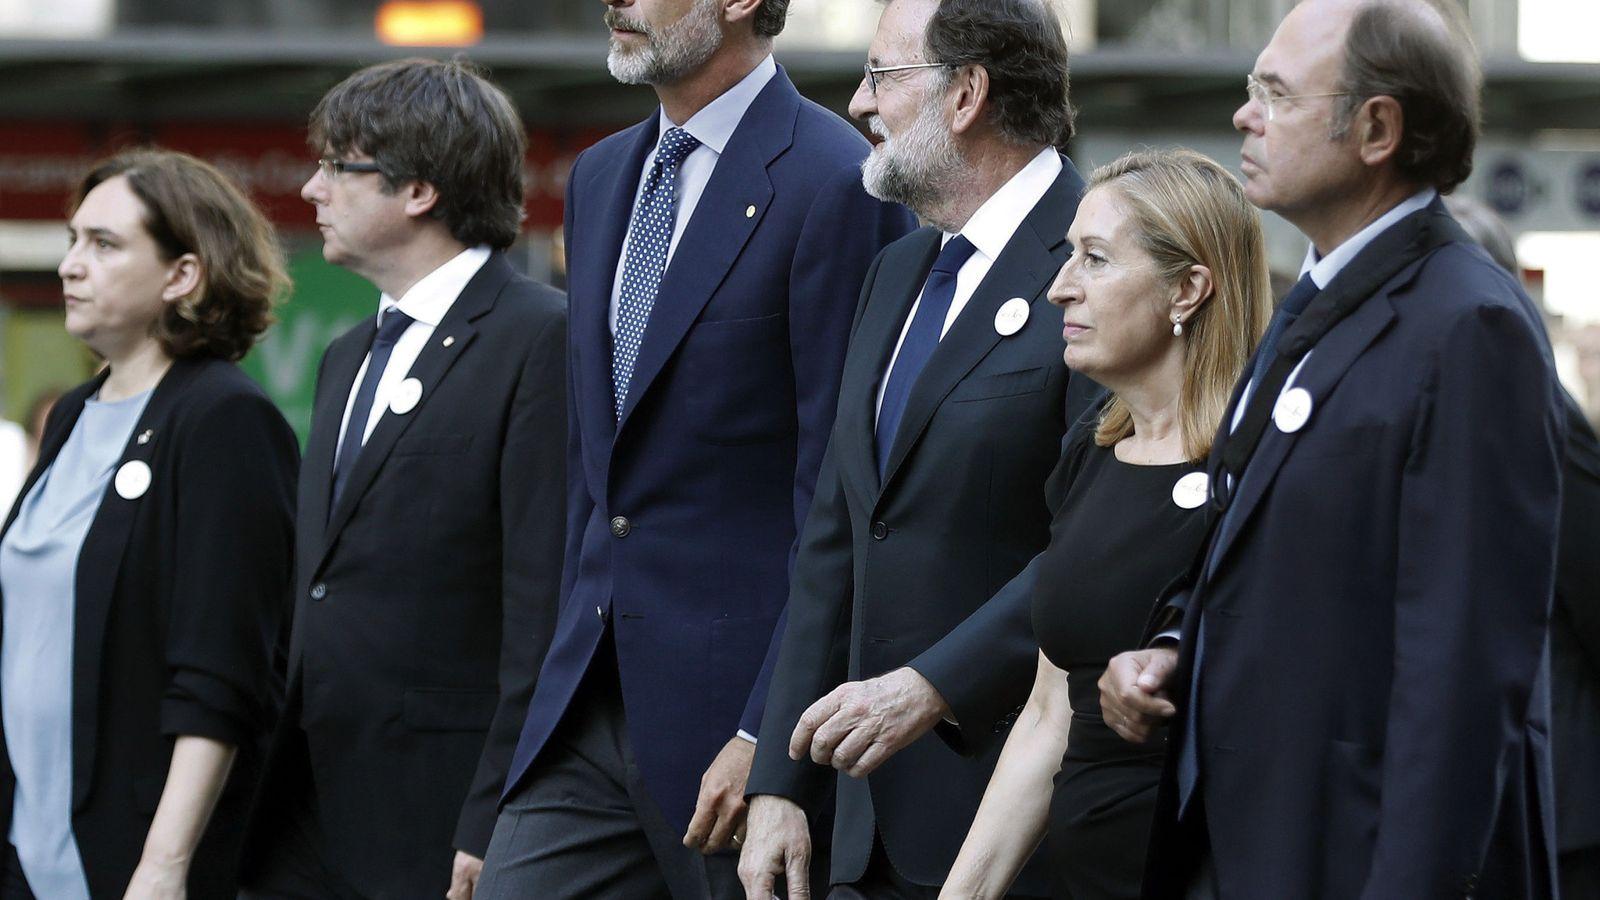 Foto: Manifestación contra el terrorismo el pasado 26 de agosto, días después de los atentados de Barcelona y Cambrils. (EFE)